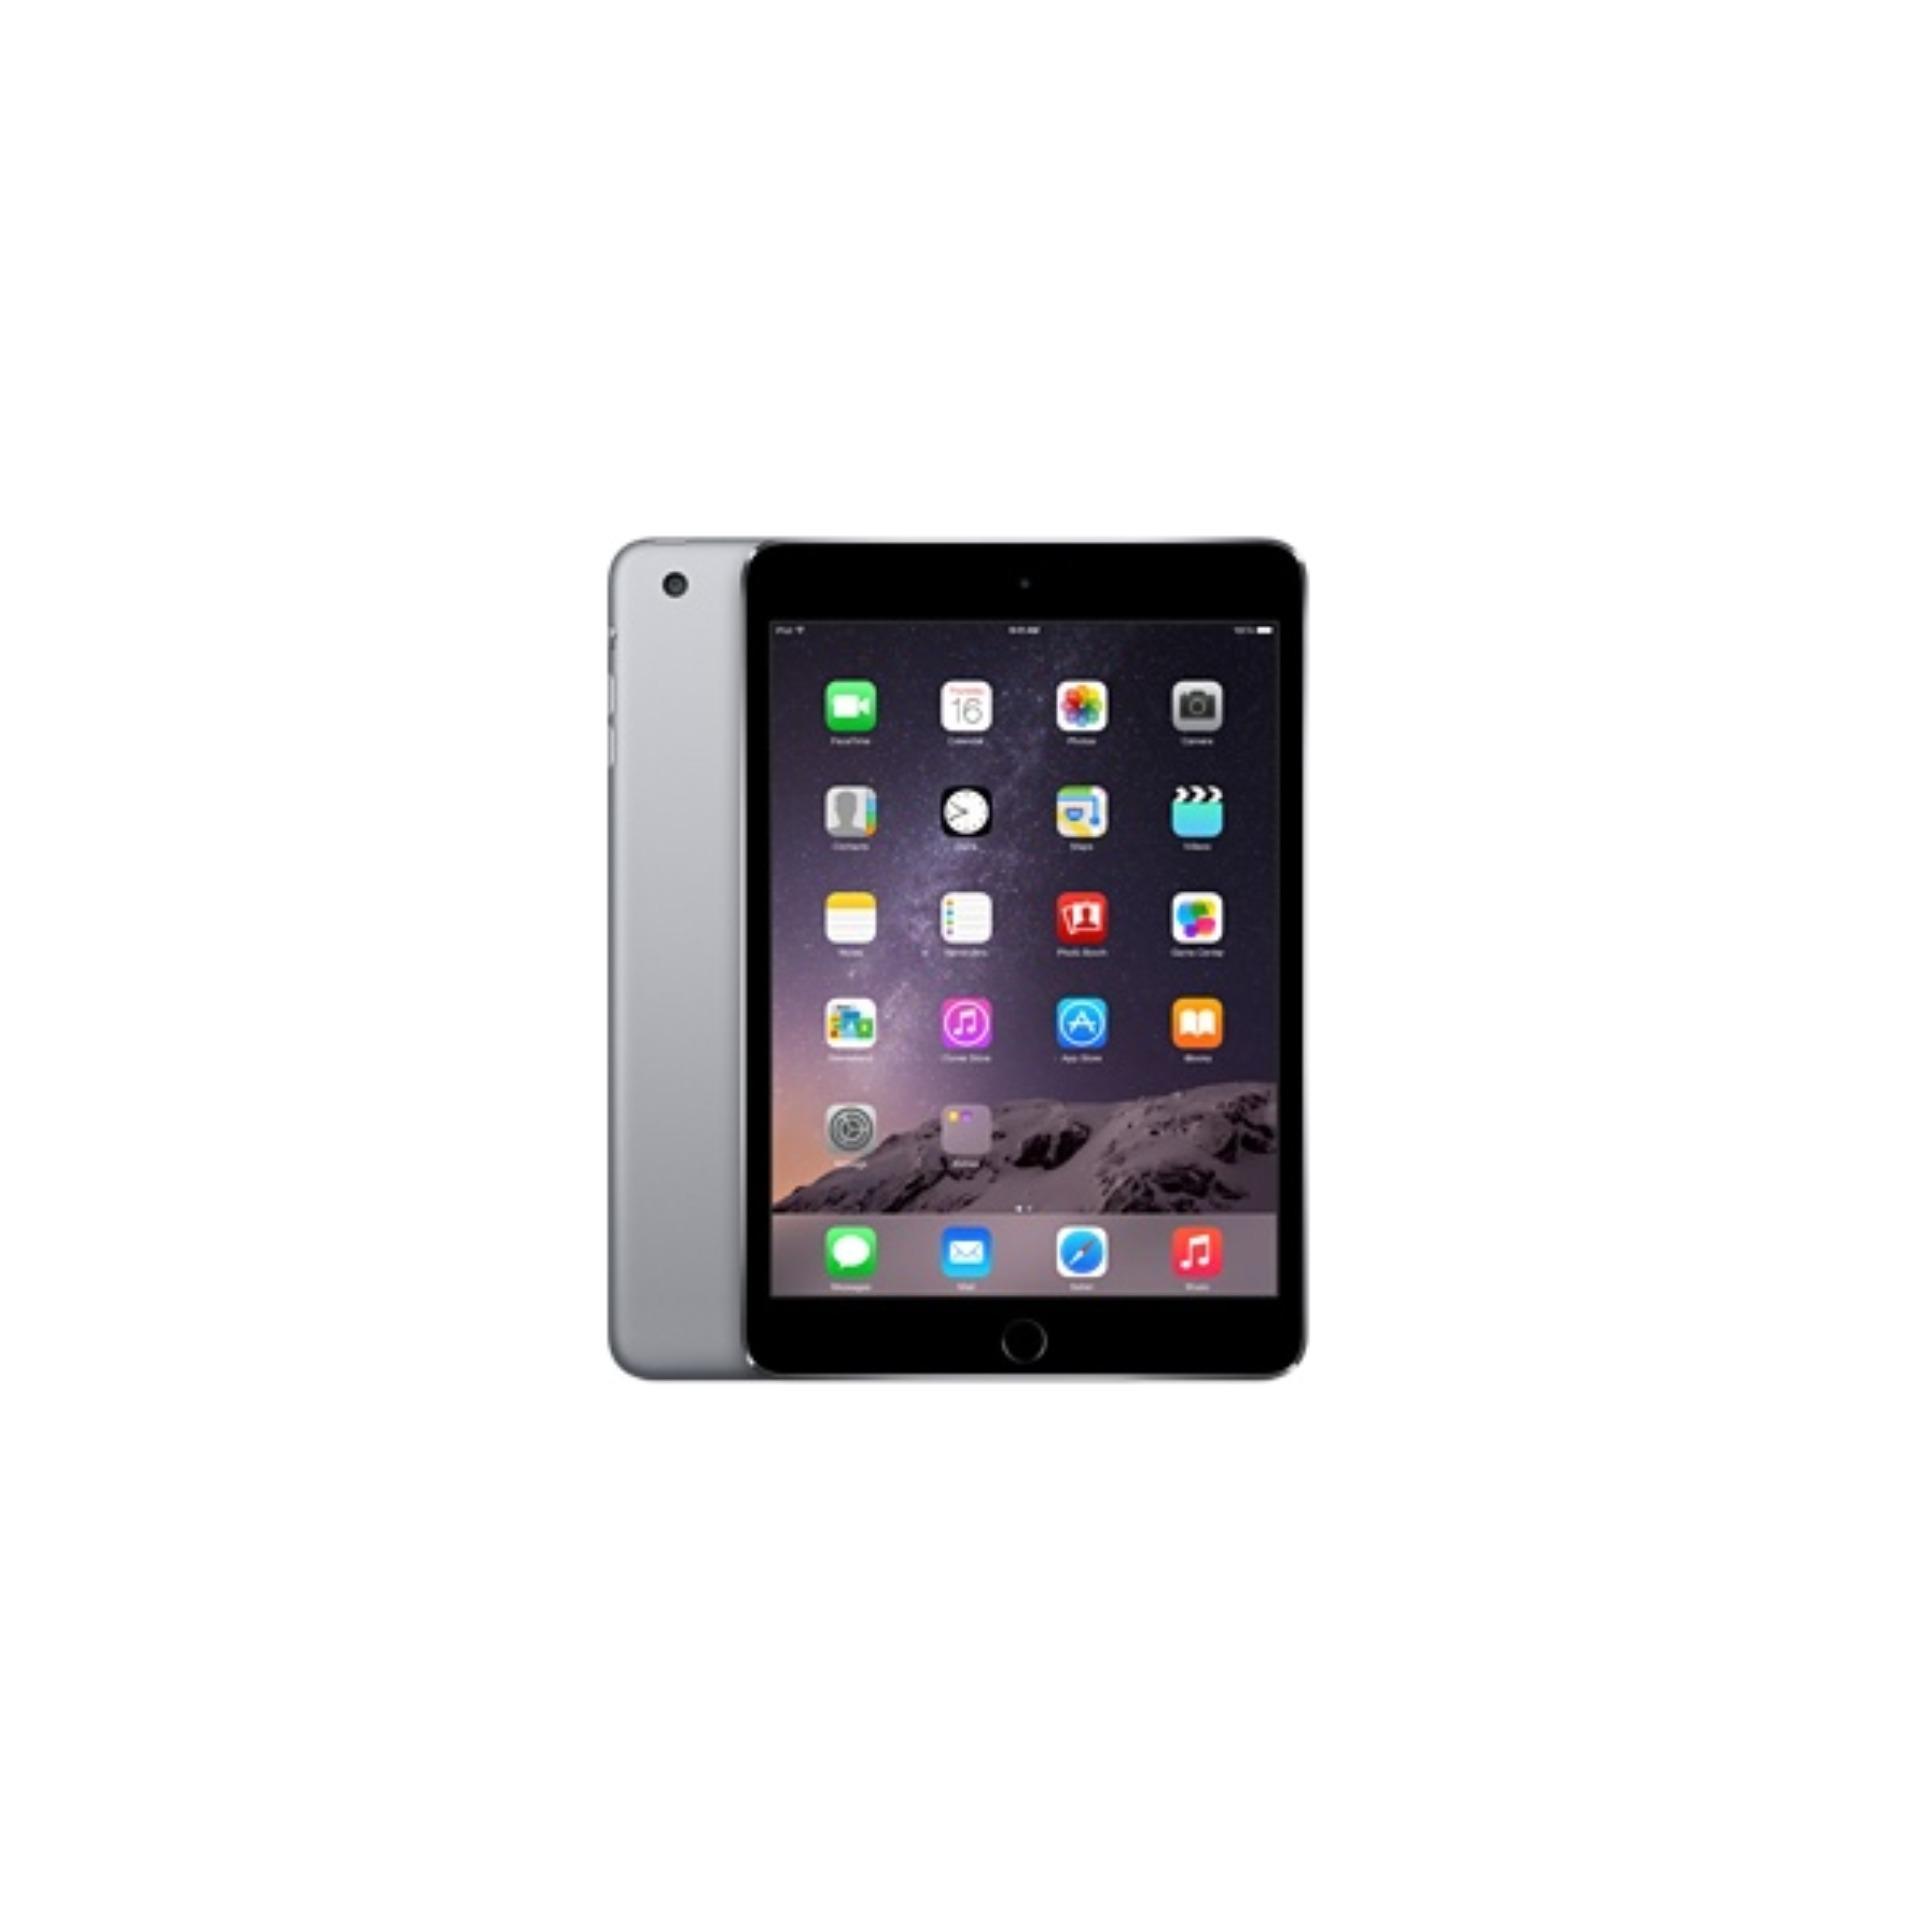 Ipad Mini 3 Đen- Hàng Nhập Khẩu